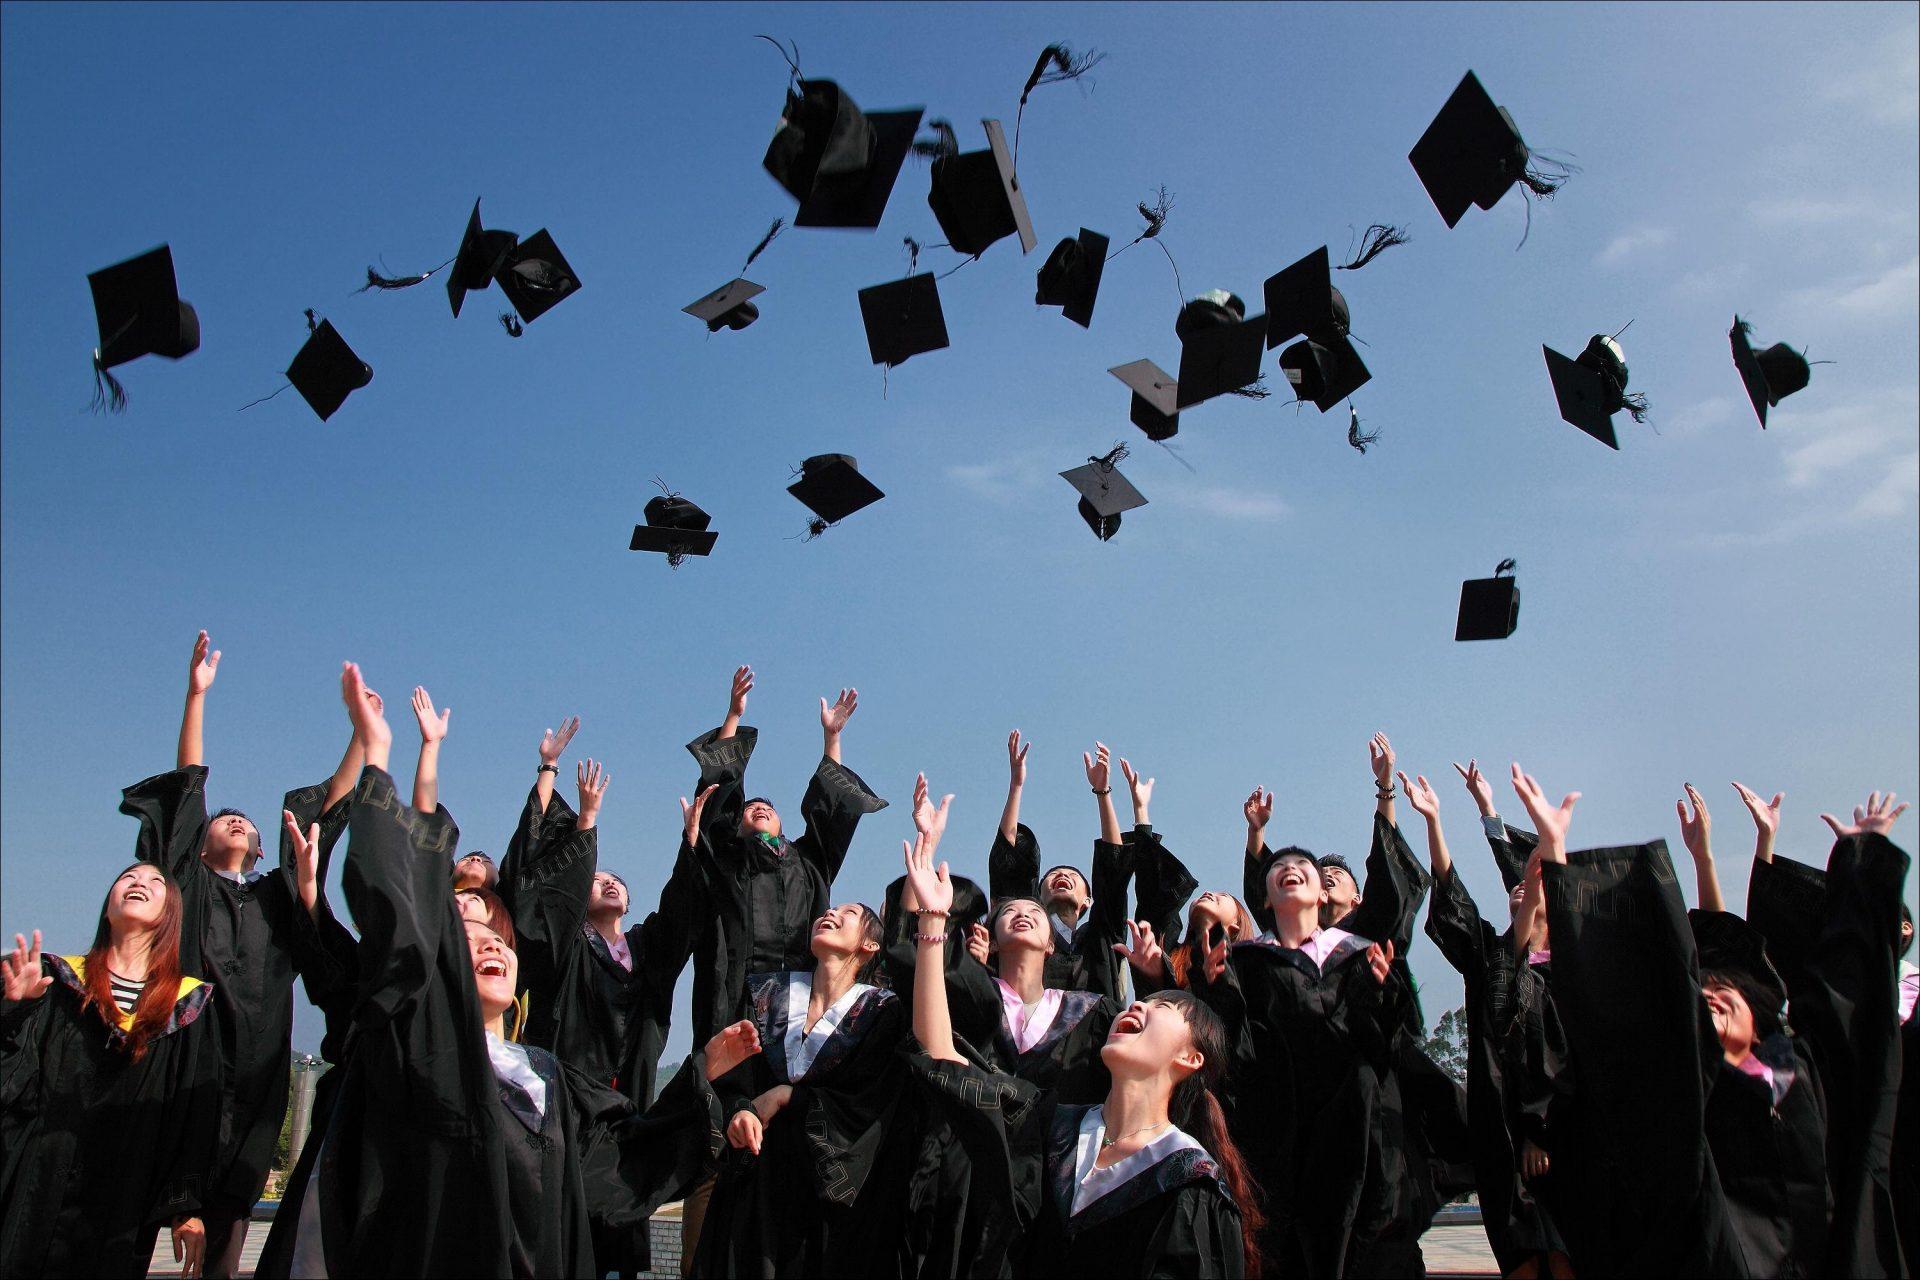 海外升學講座對中學生帶來幫助